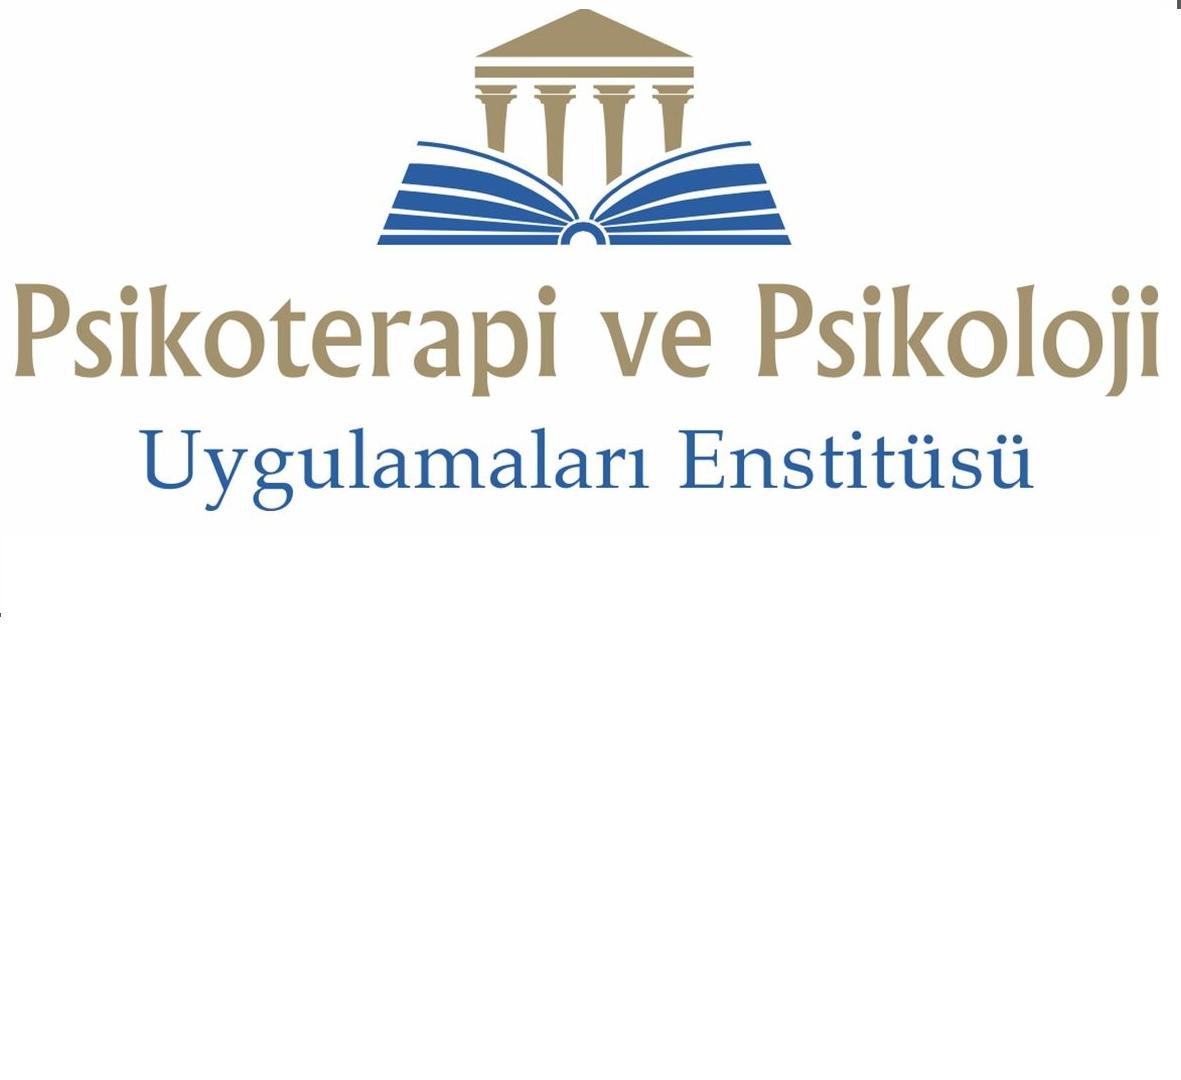 Psikoterapi ve Psikoloji Uygulamaları Enstitüsü